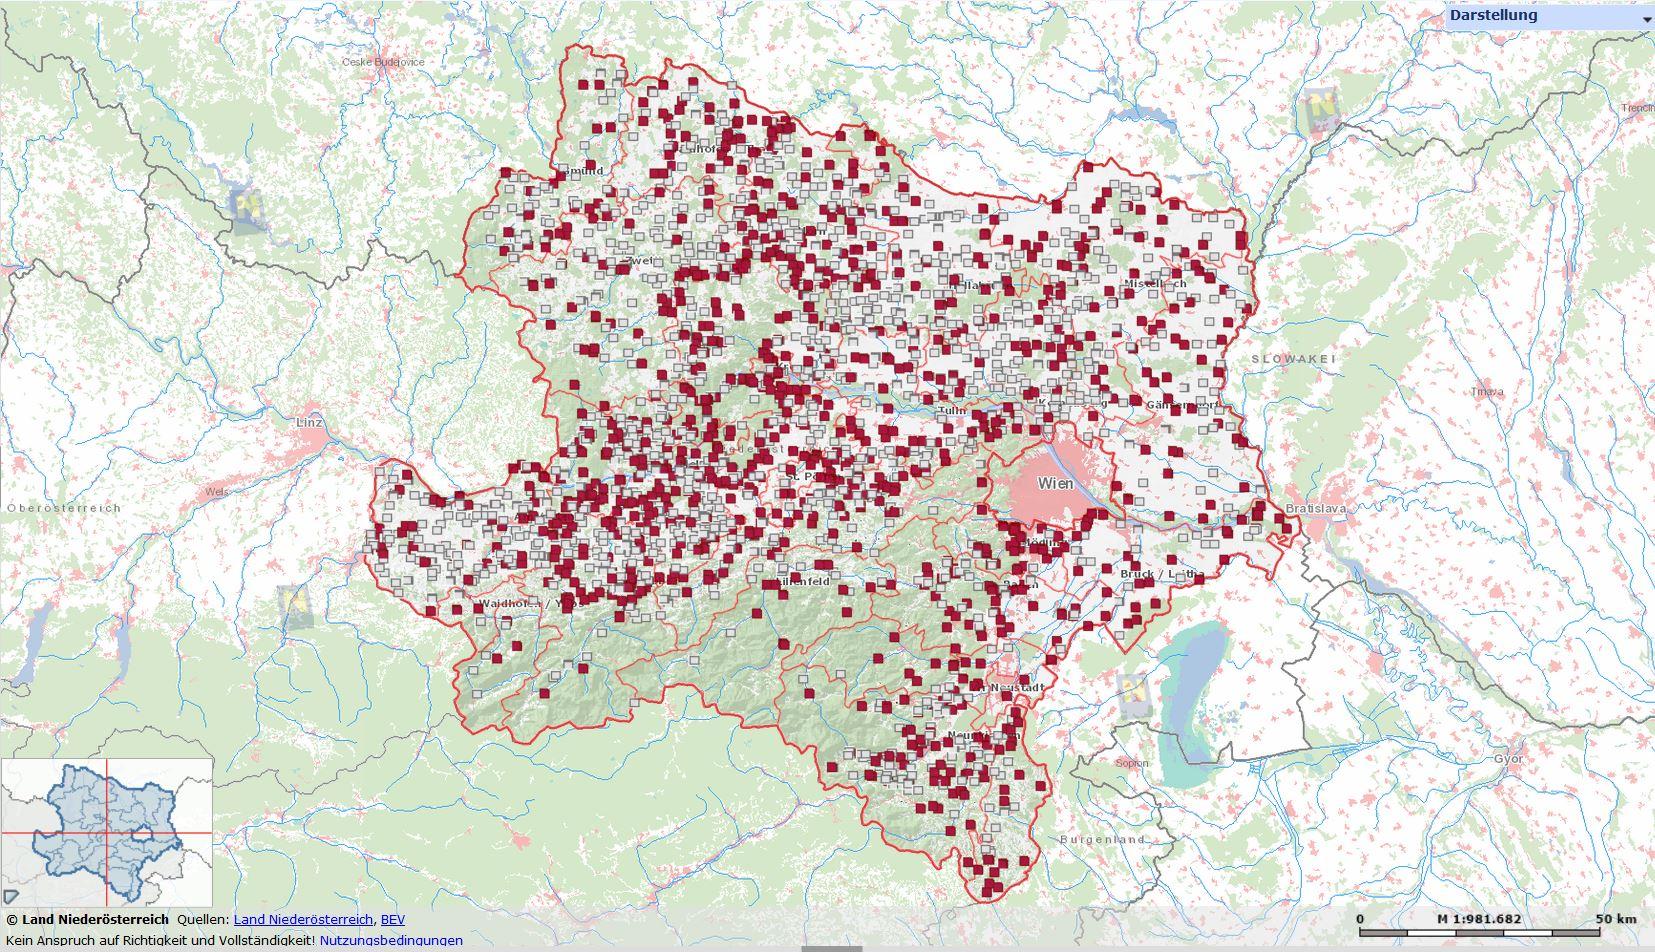 Darstellung der Adelssitze im Digitalen Atlas des Landes Niederösterreich: https://atlas.noe.gv.at/